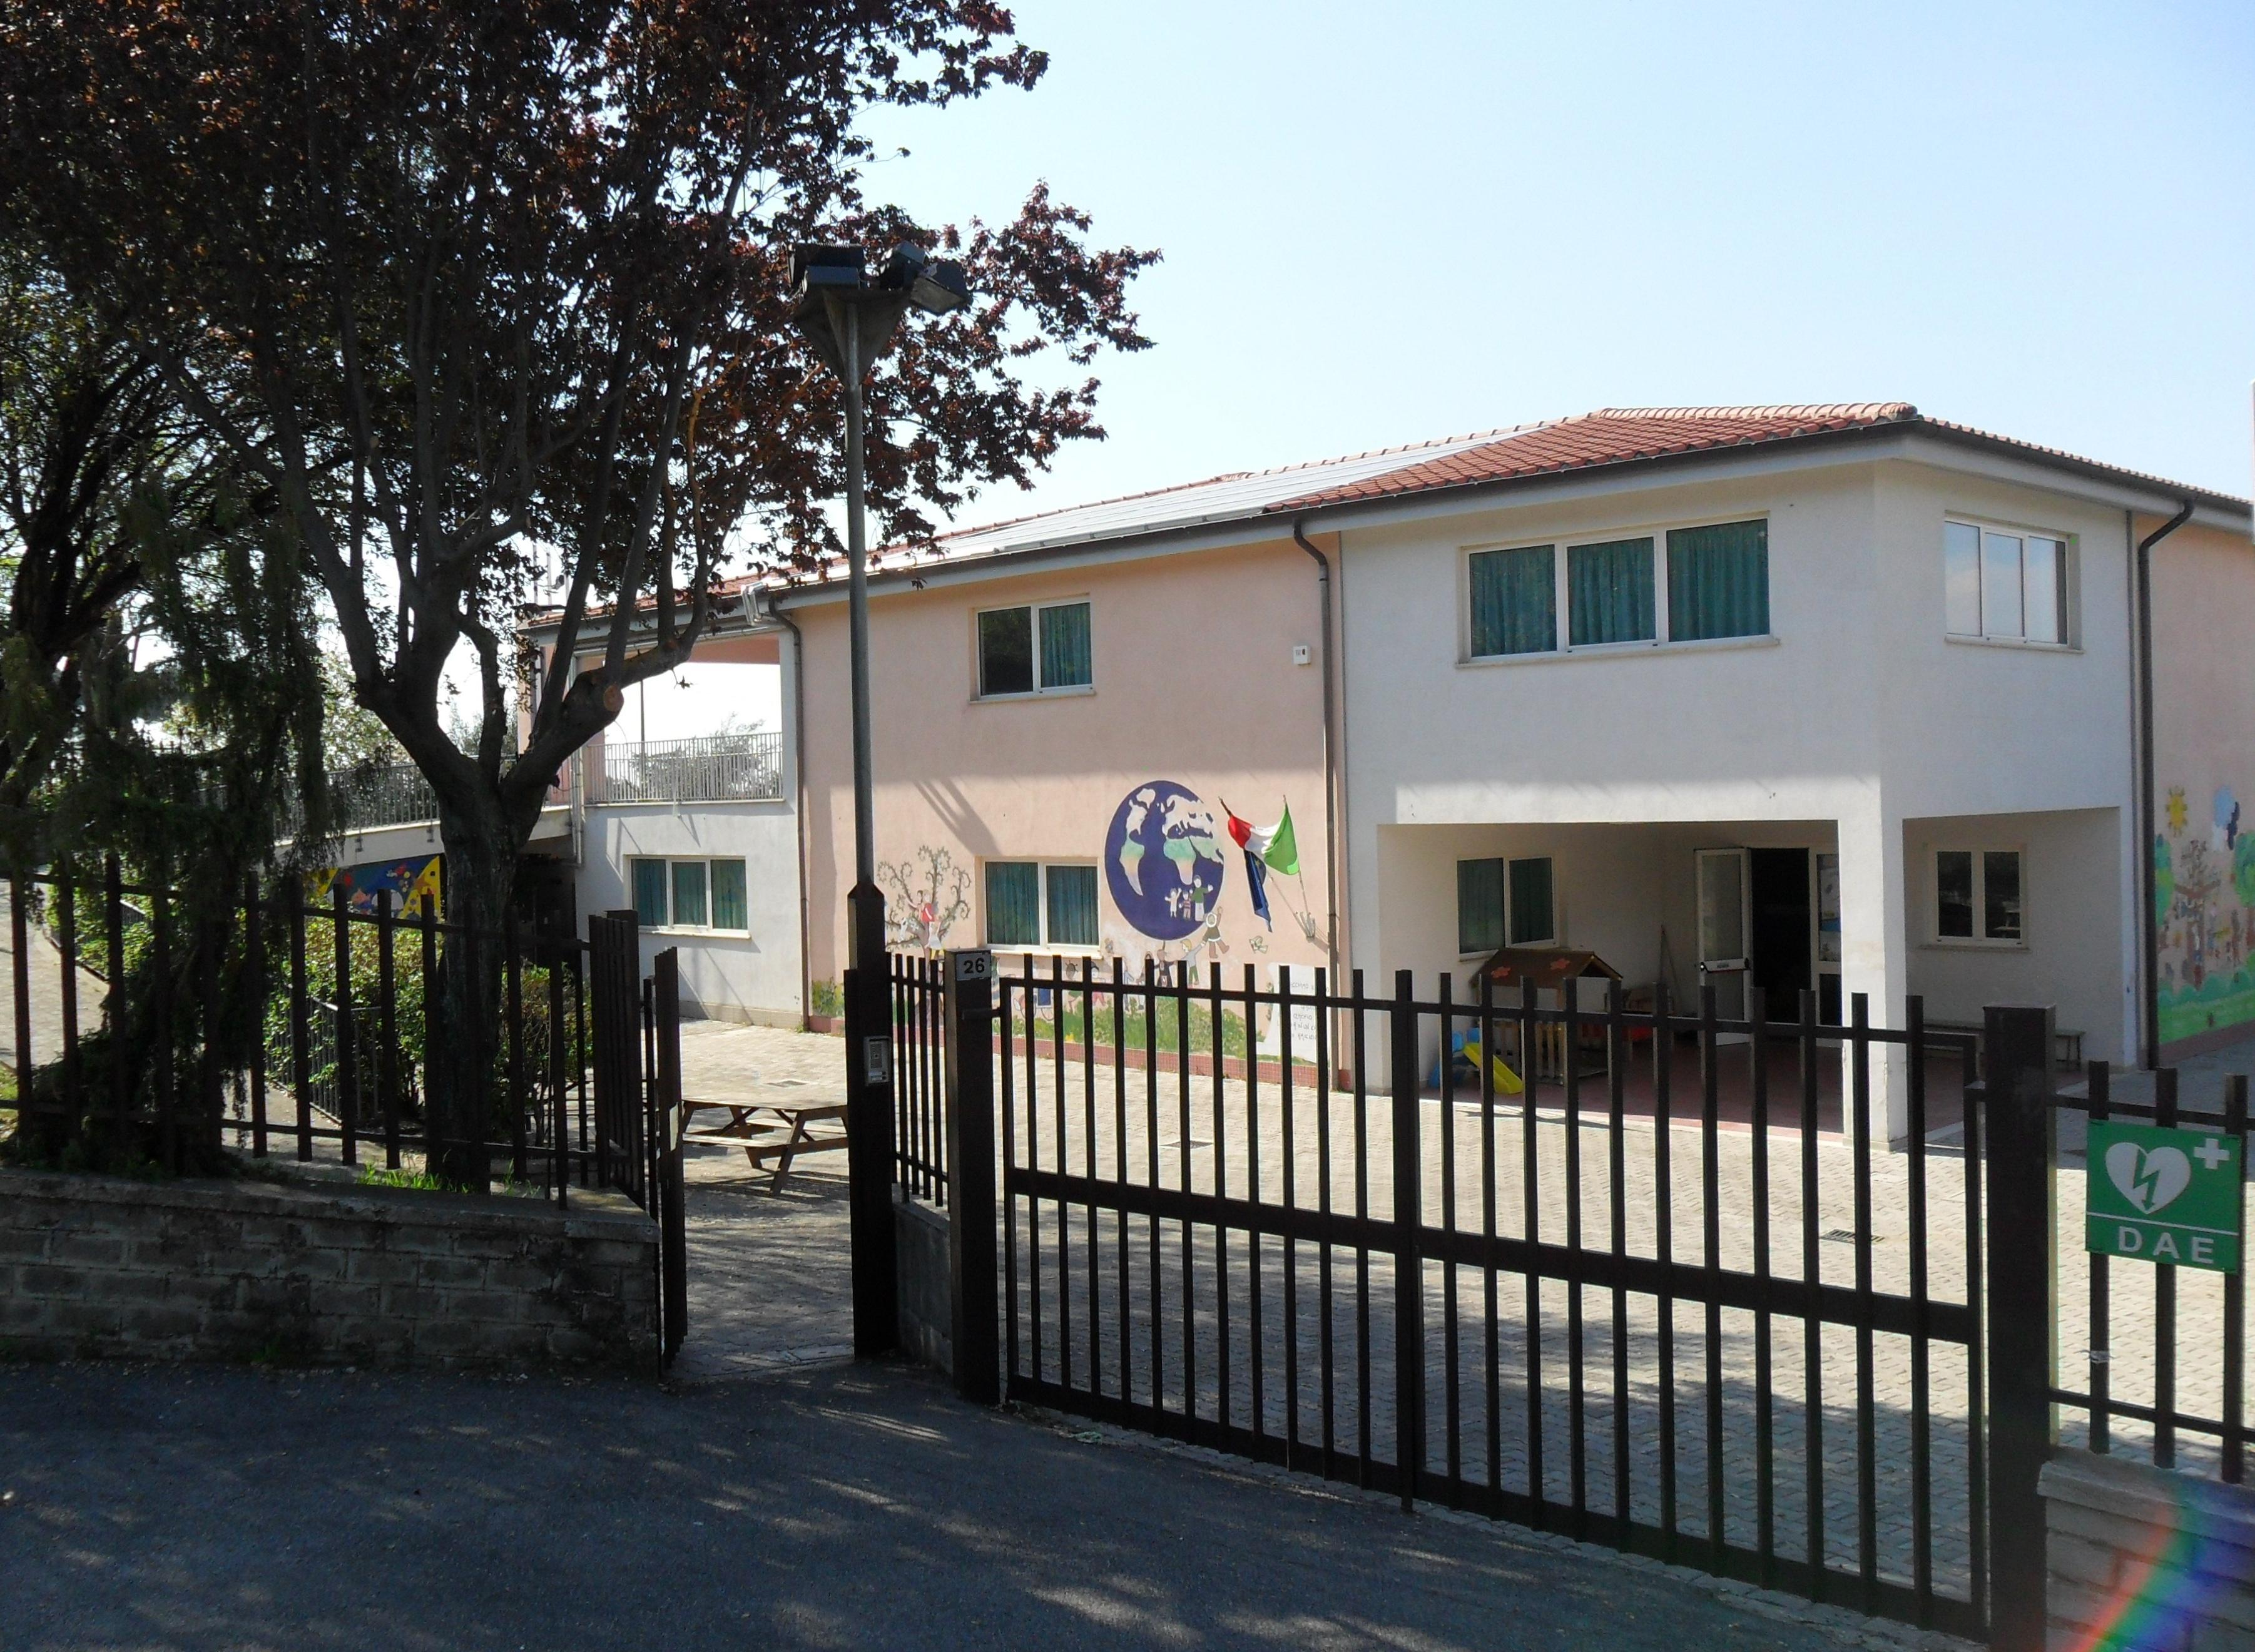 Monte Porzio Catone, scuola d'infanzia